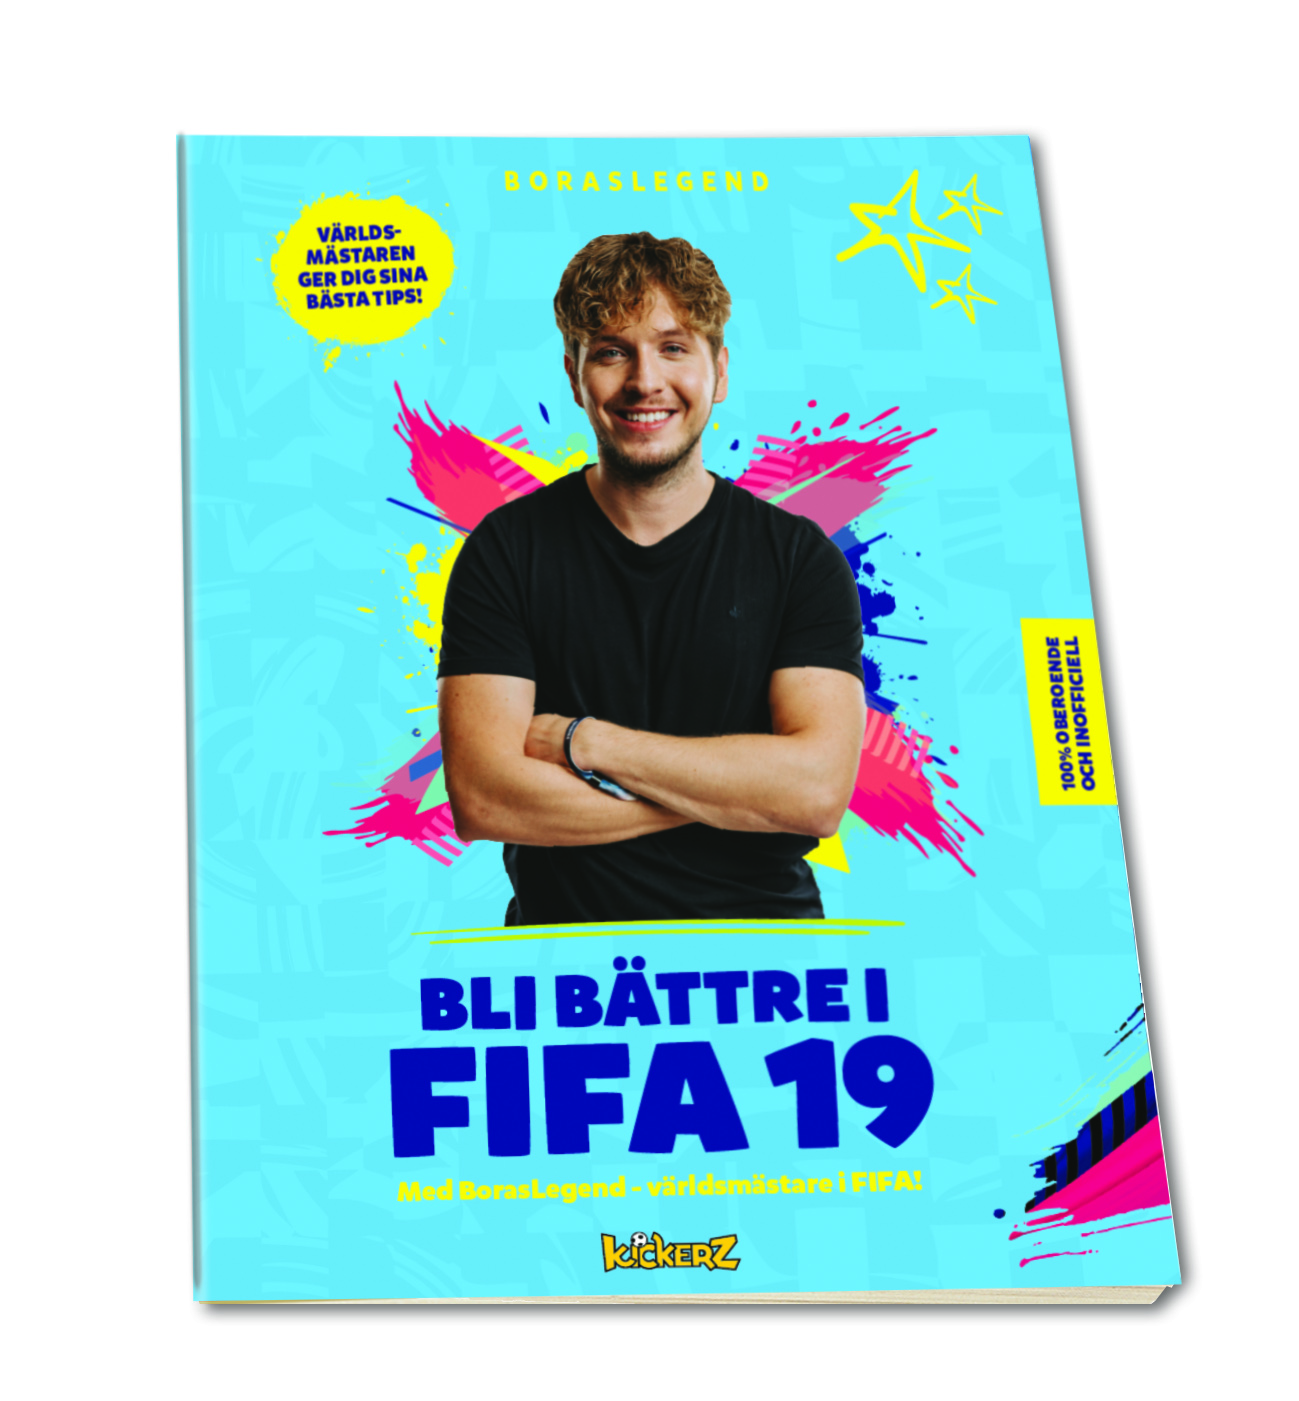 KICKERZ: FIFA19 SPECIAL EDITION